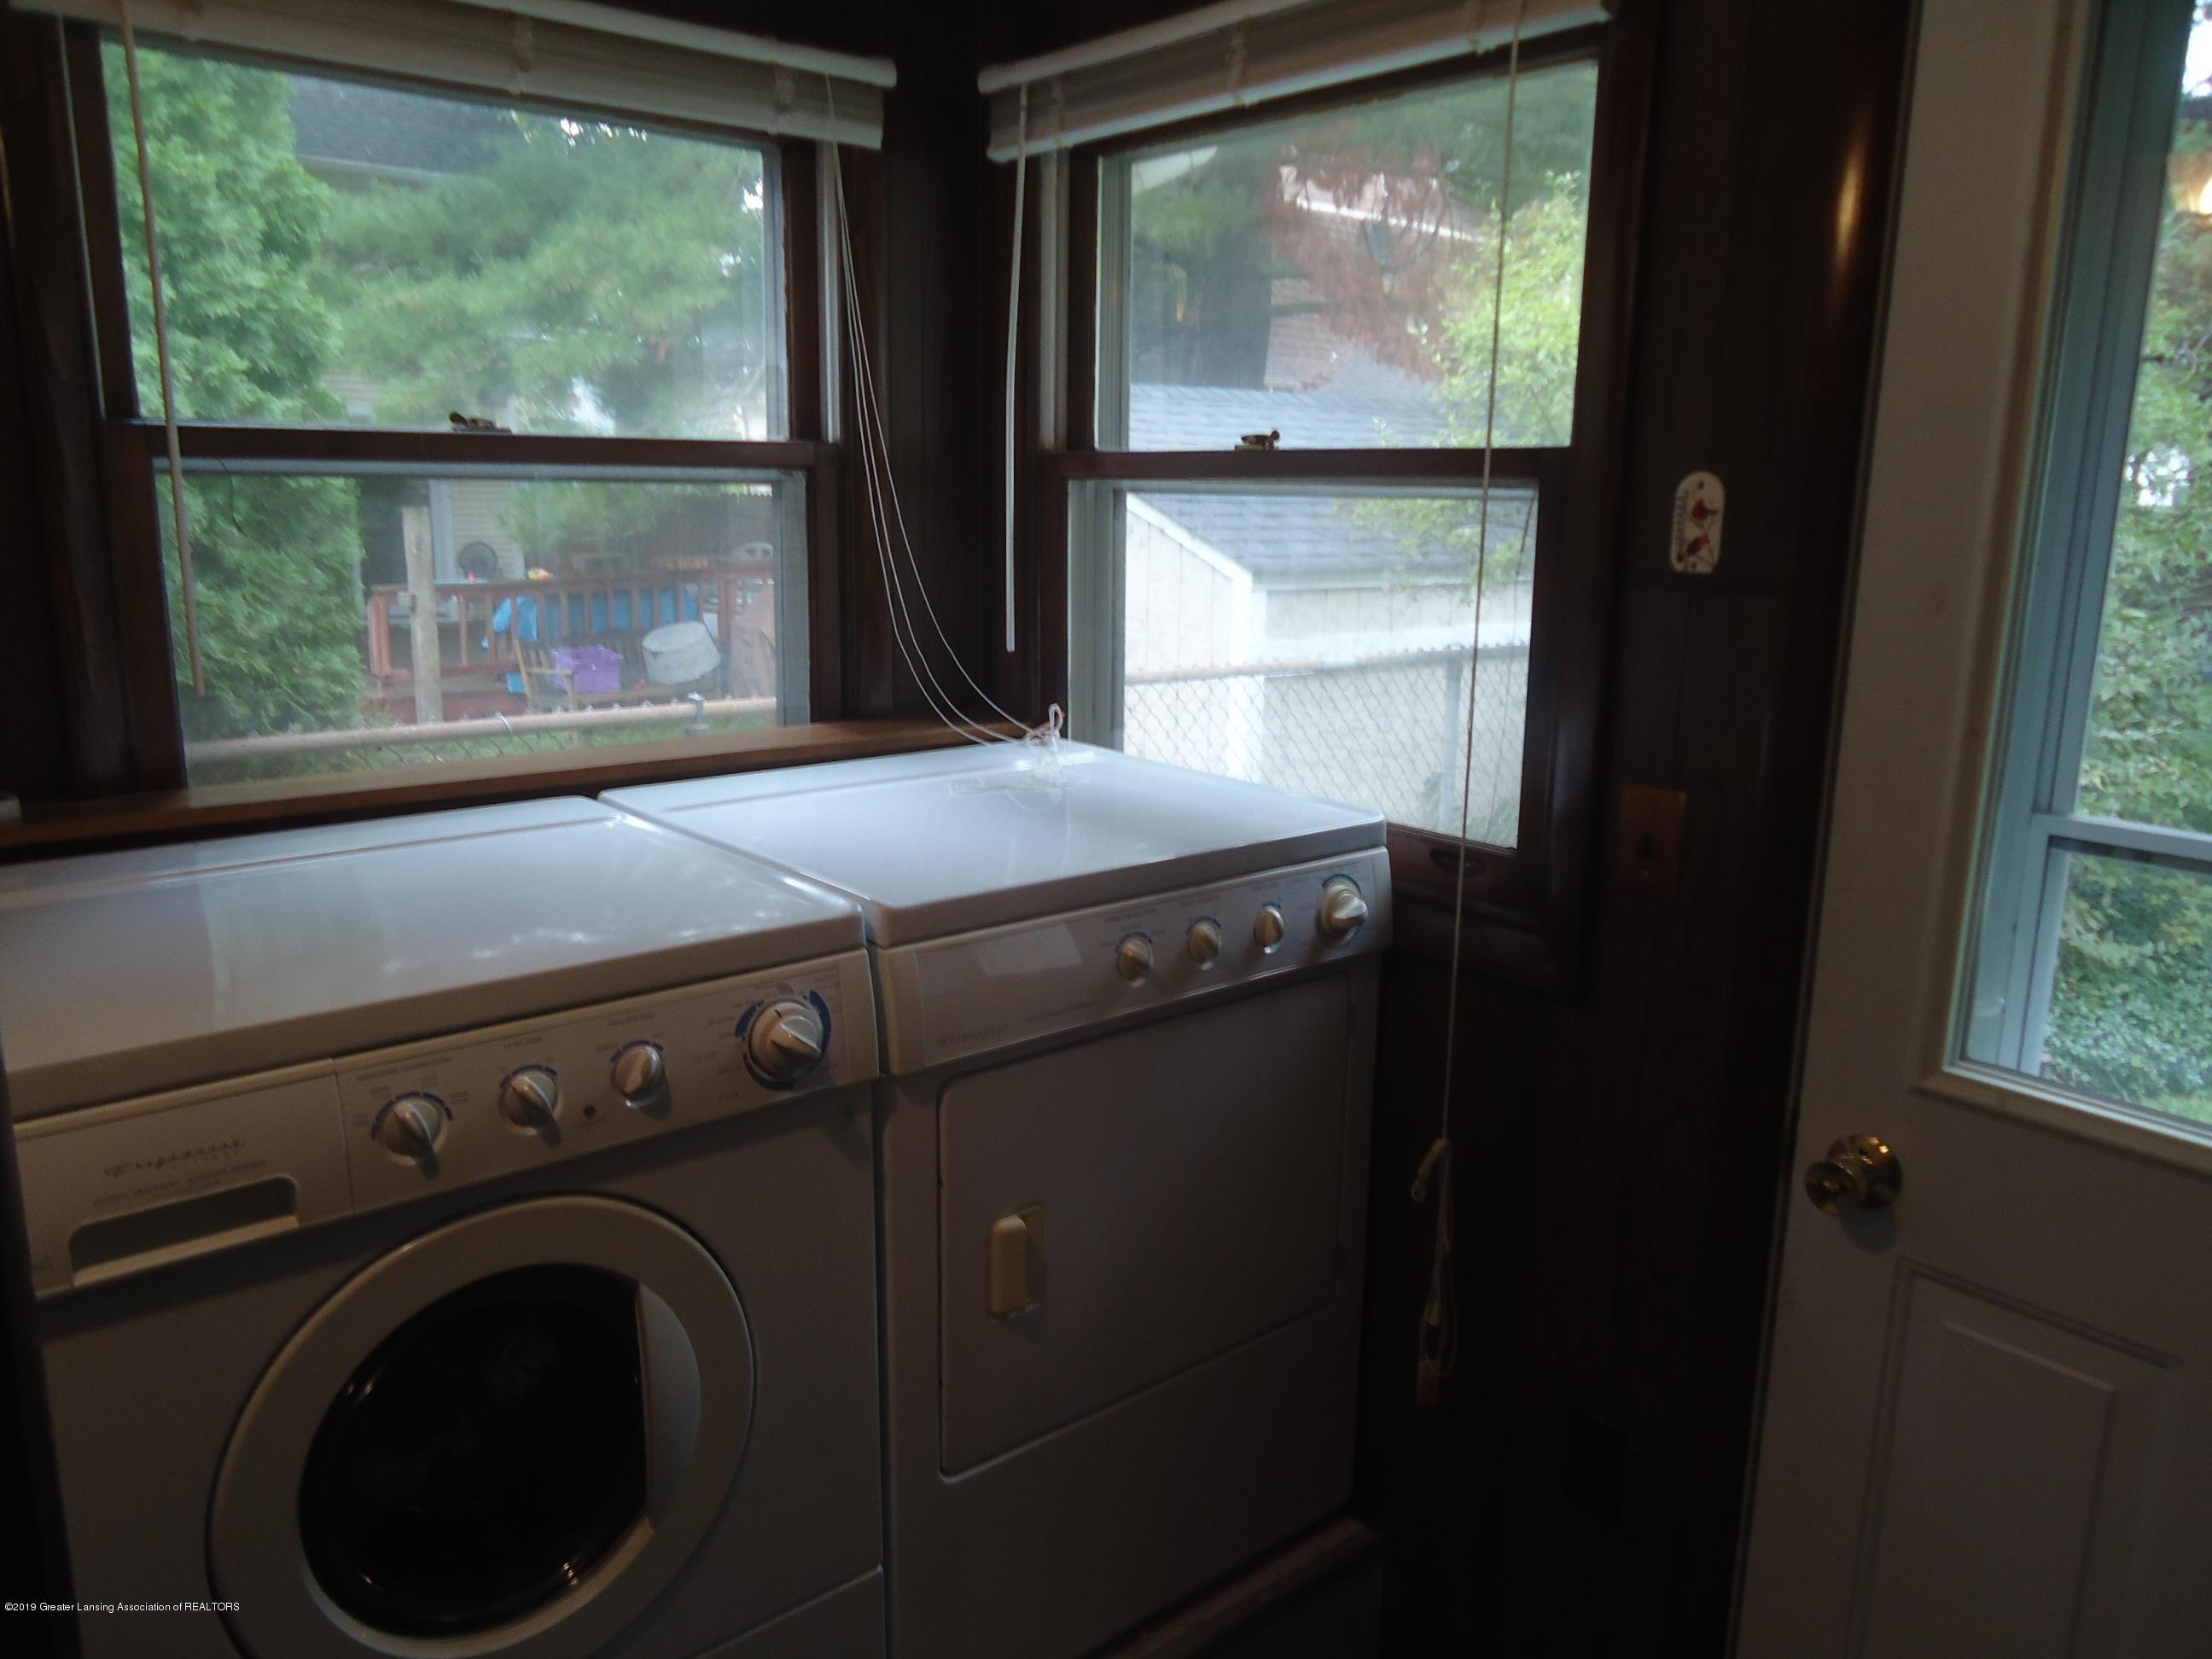 309 E Lovett St - 27 Laundry - 23